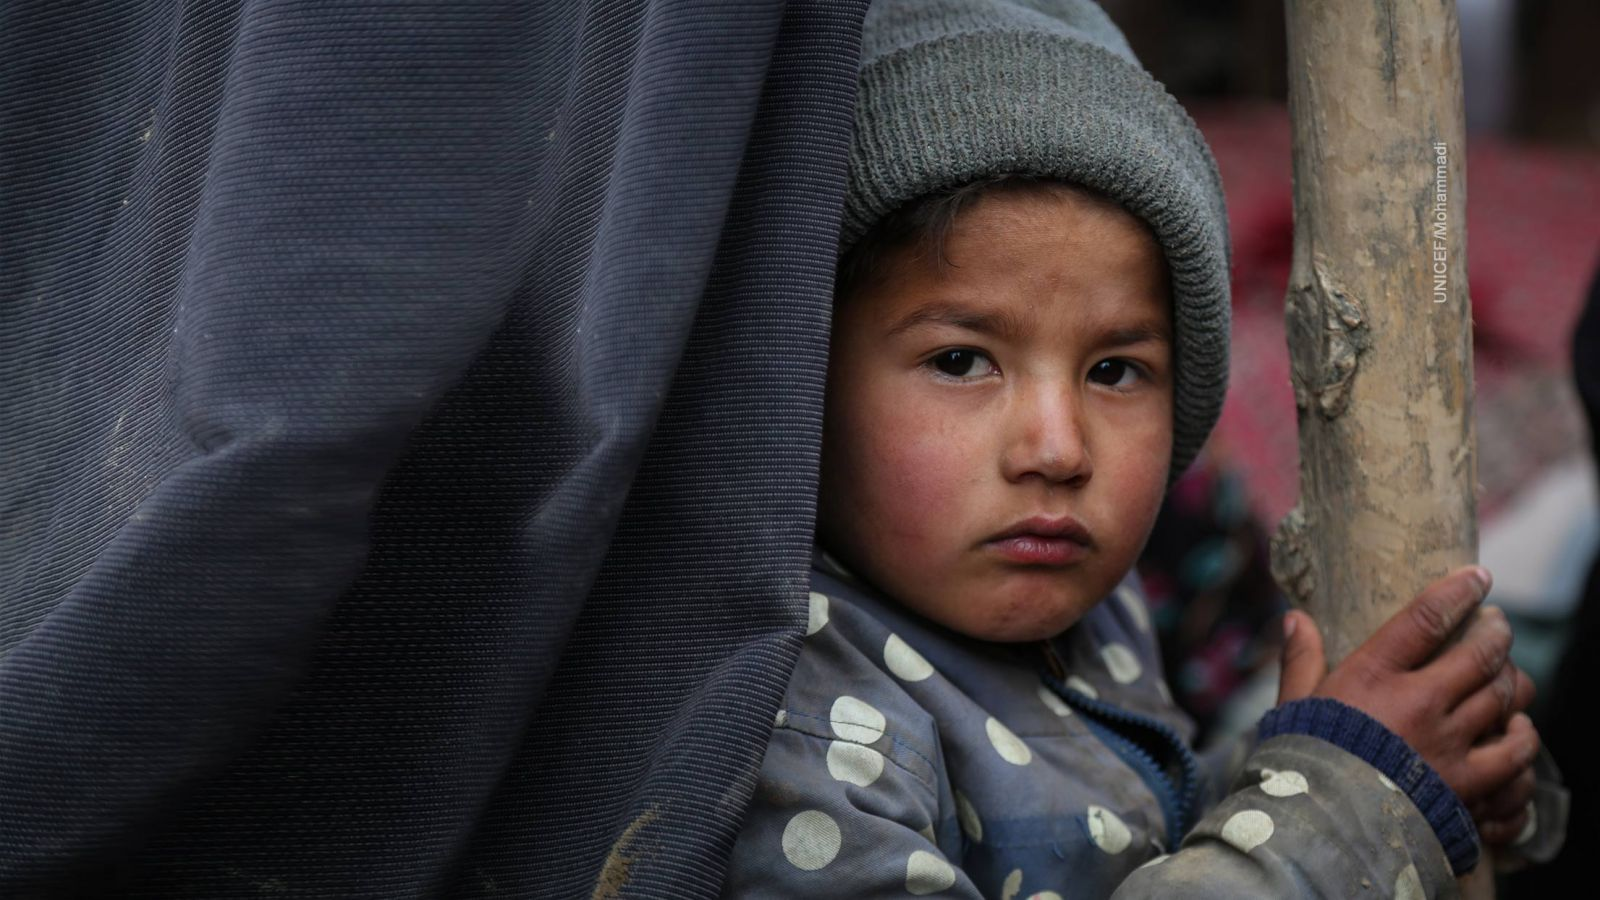 La pobreza infantil alcanzará a más de 8 millones de chicos y chicas